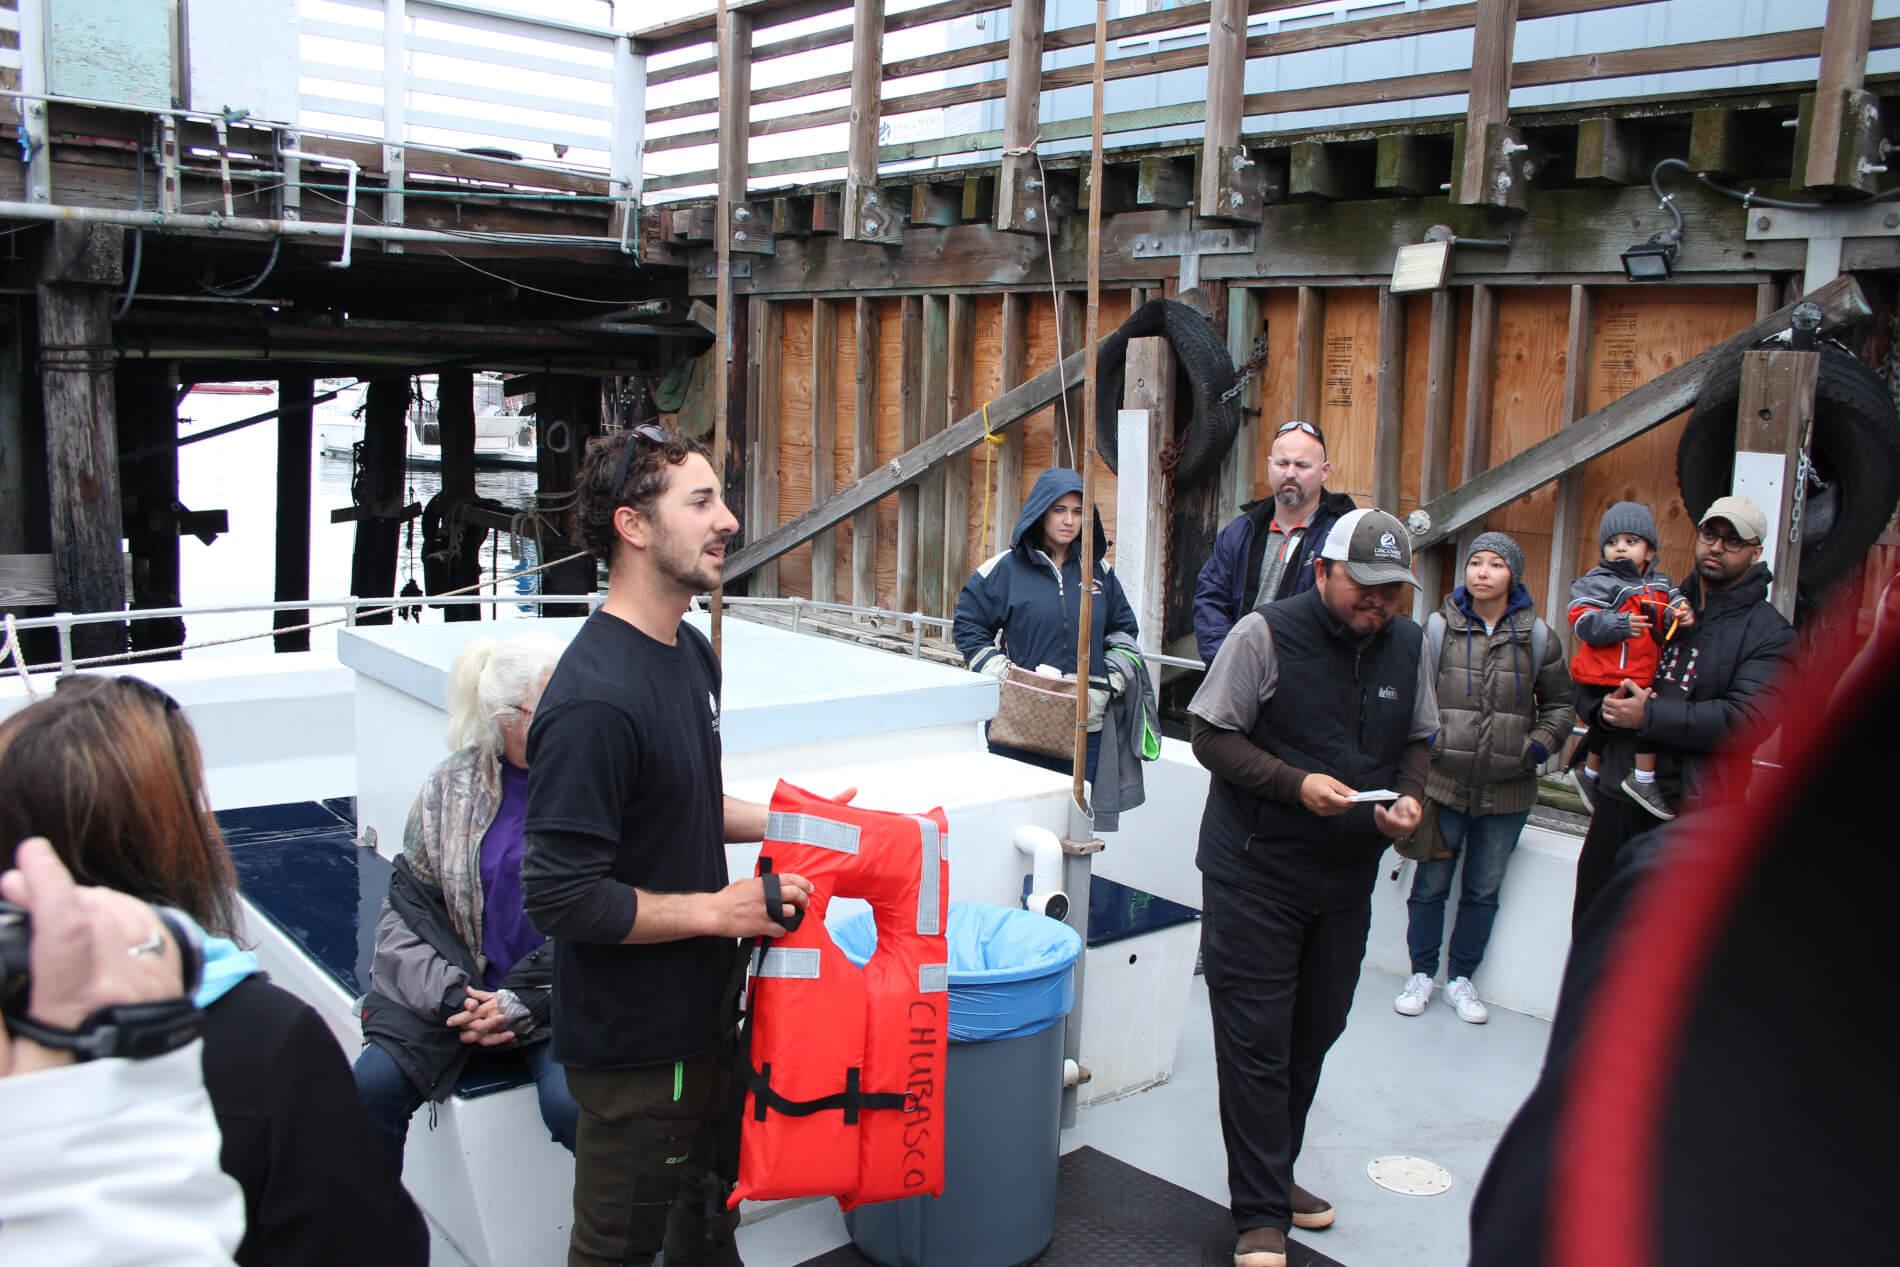 Uitleg van de gids en zeebioloog